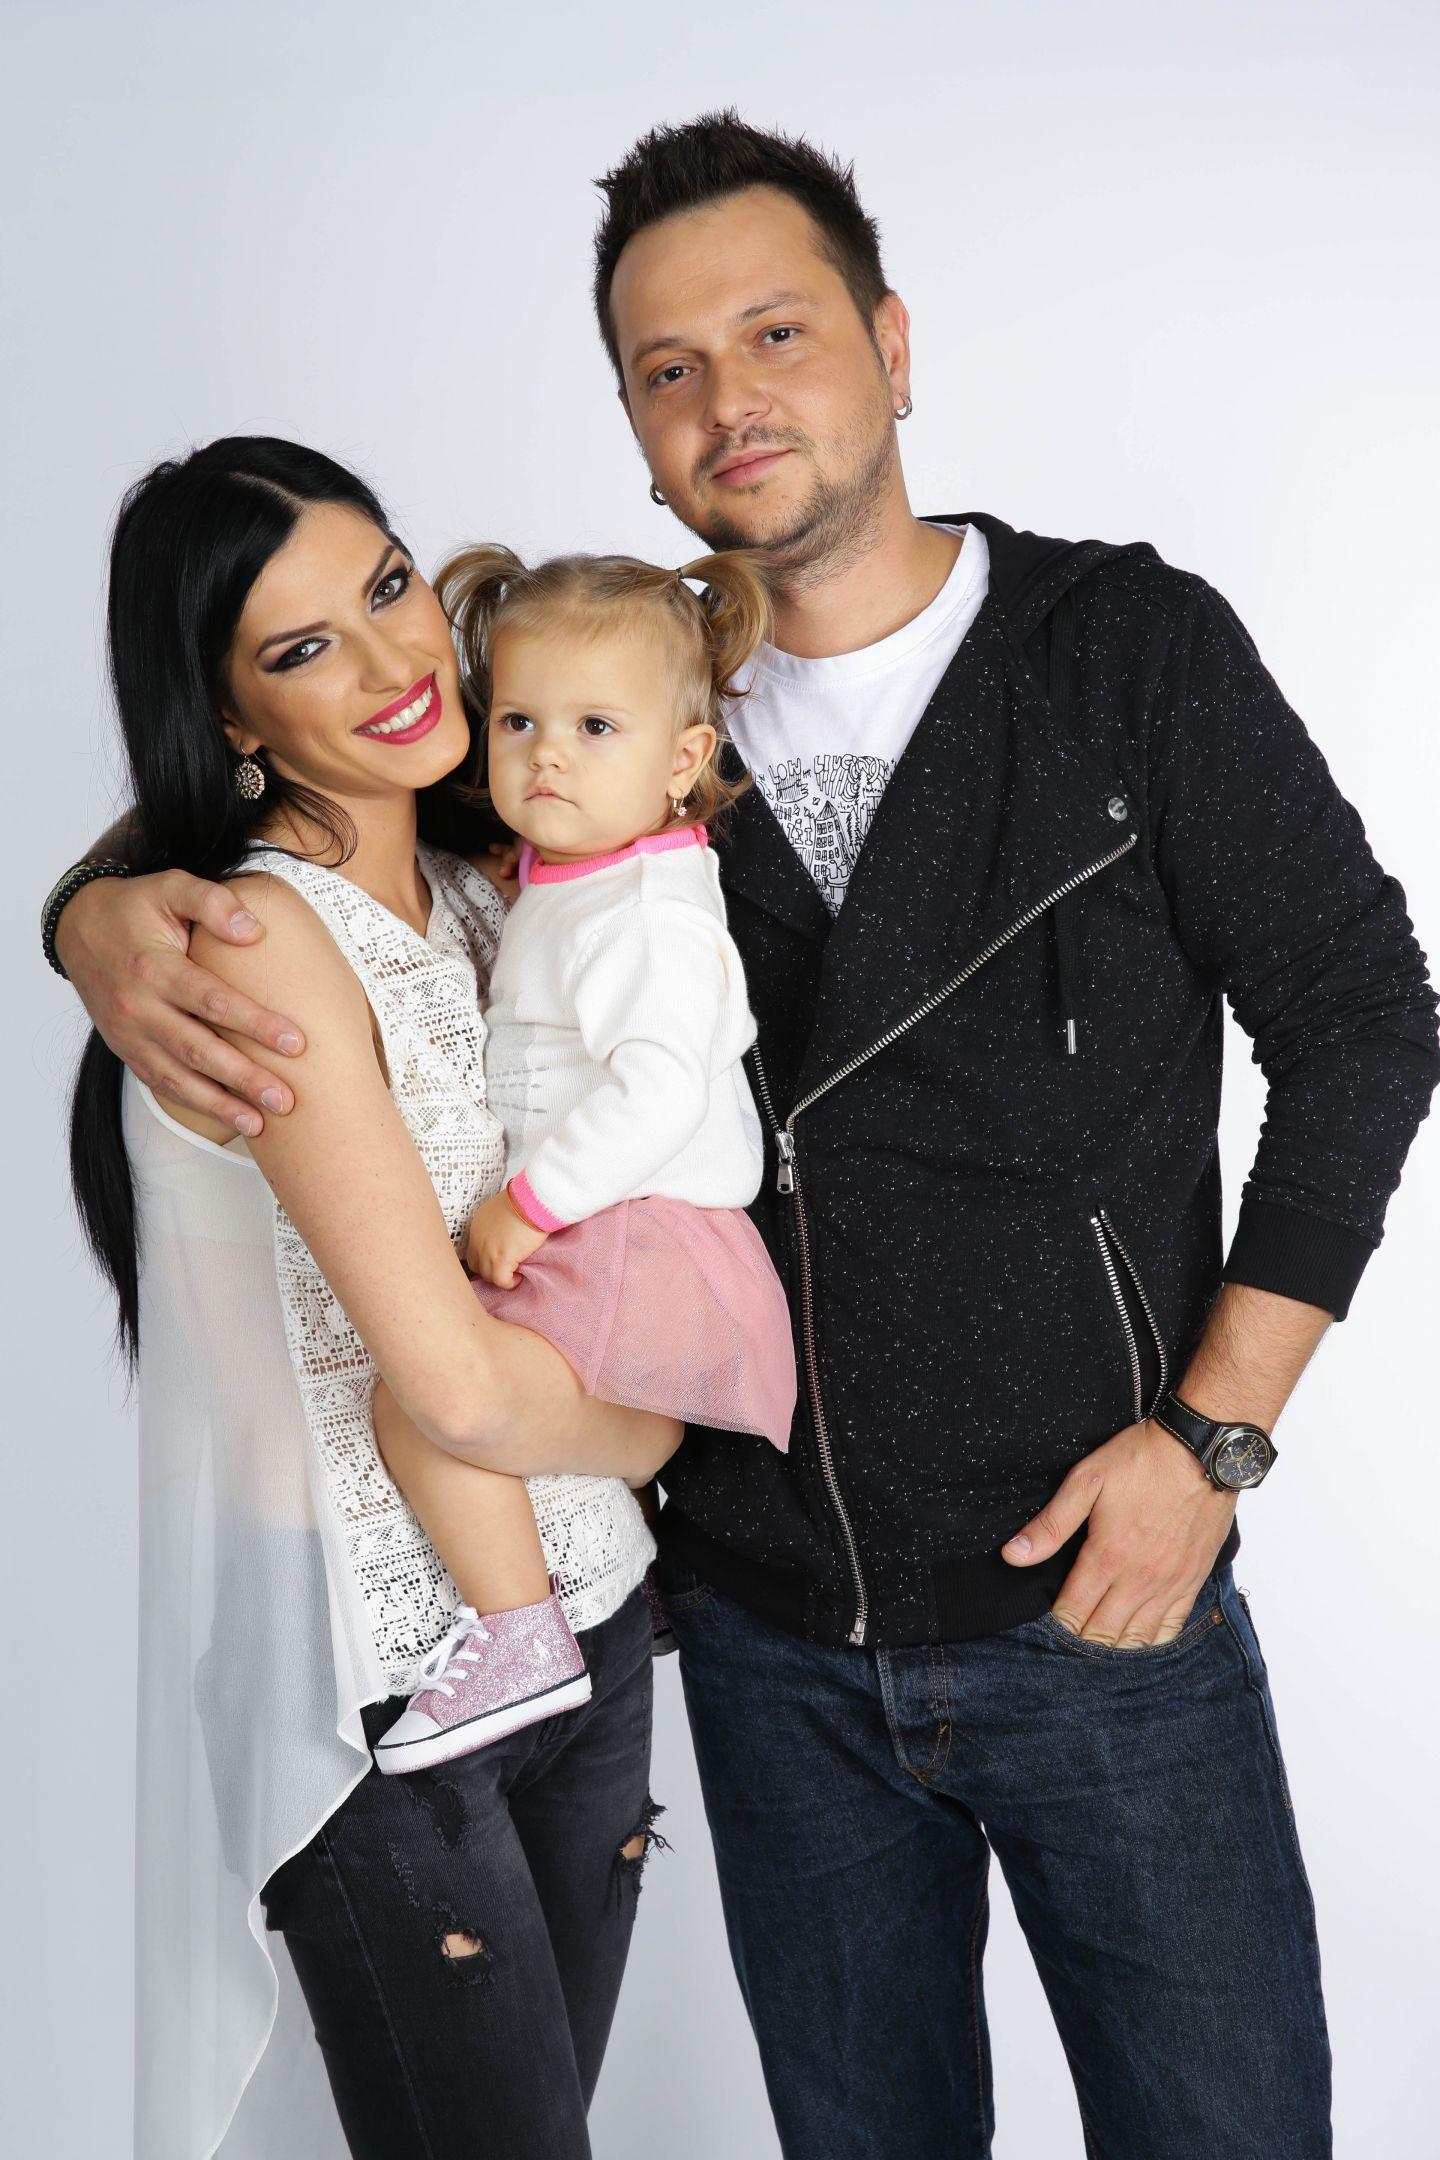 Fiica lui Alex de la trupa Zero ndash; fan inrait Andra!